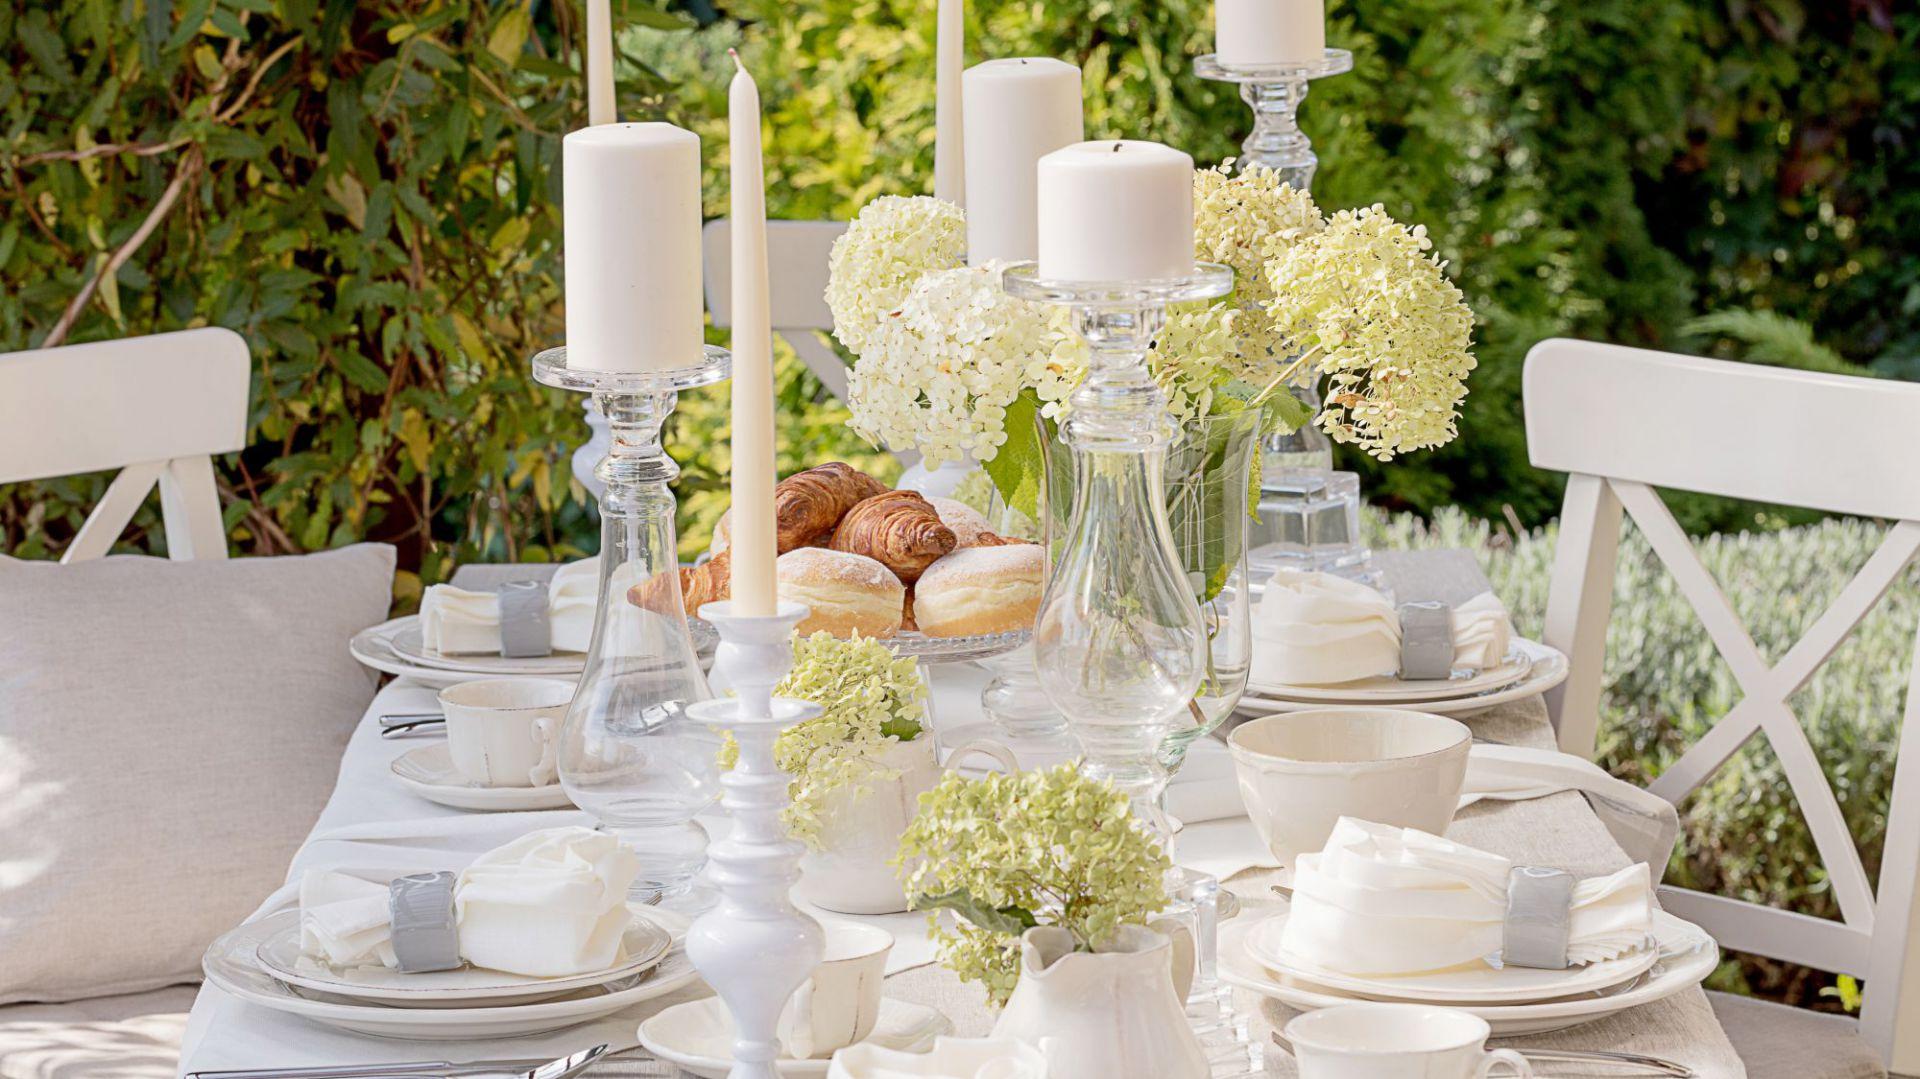 Przyjęcie komunijne w domu lub ogrodzie - dekoracja stołu. Fot. Dekoria.pl